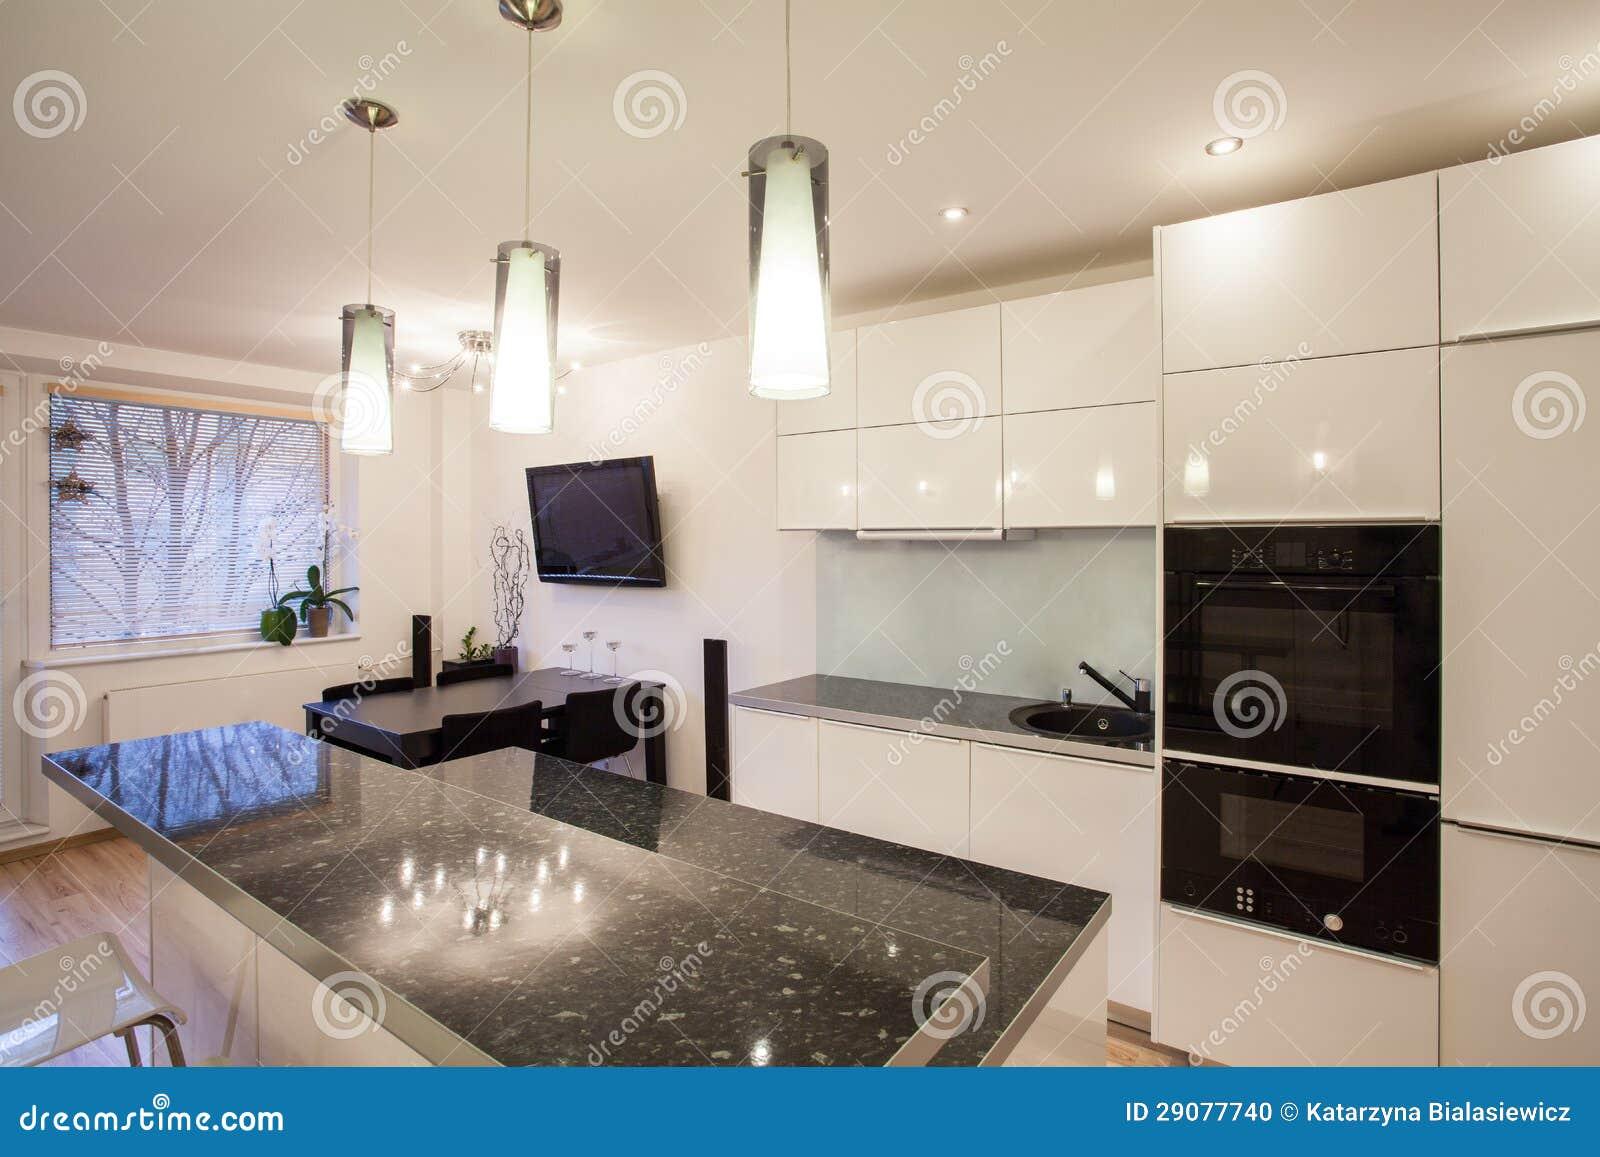 Piano alla moda cucina e sala da pranzo fotografia stock for Cucina con sala da pranzo